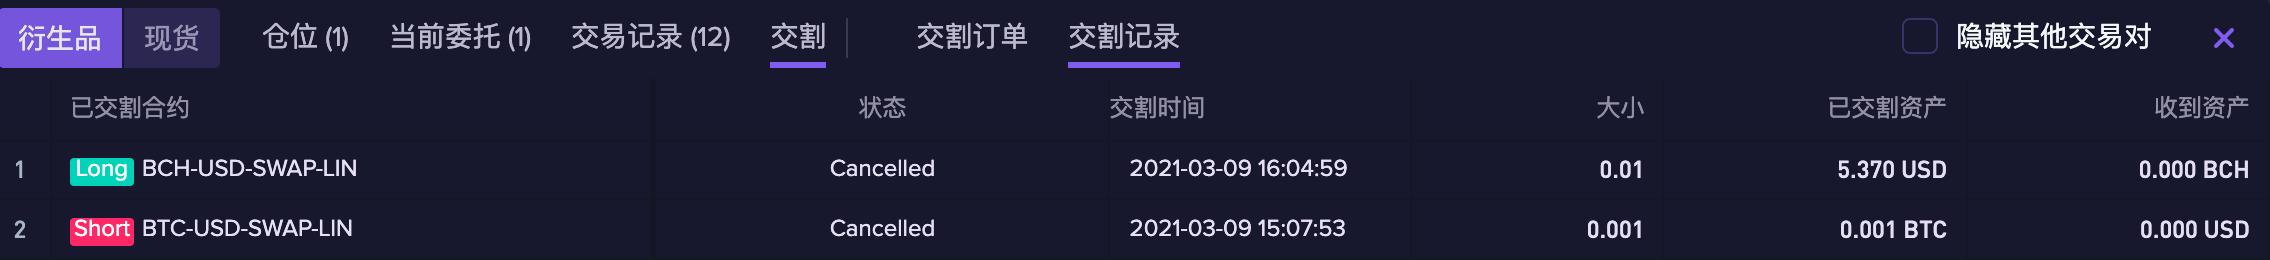 Delivery2C 2.2.4 Spread market